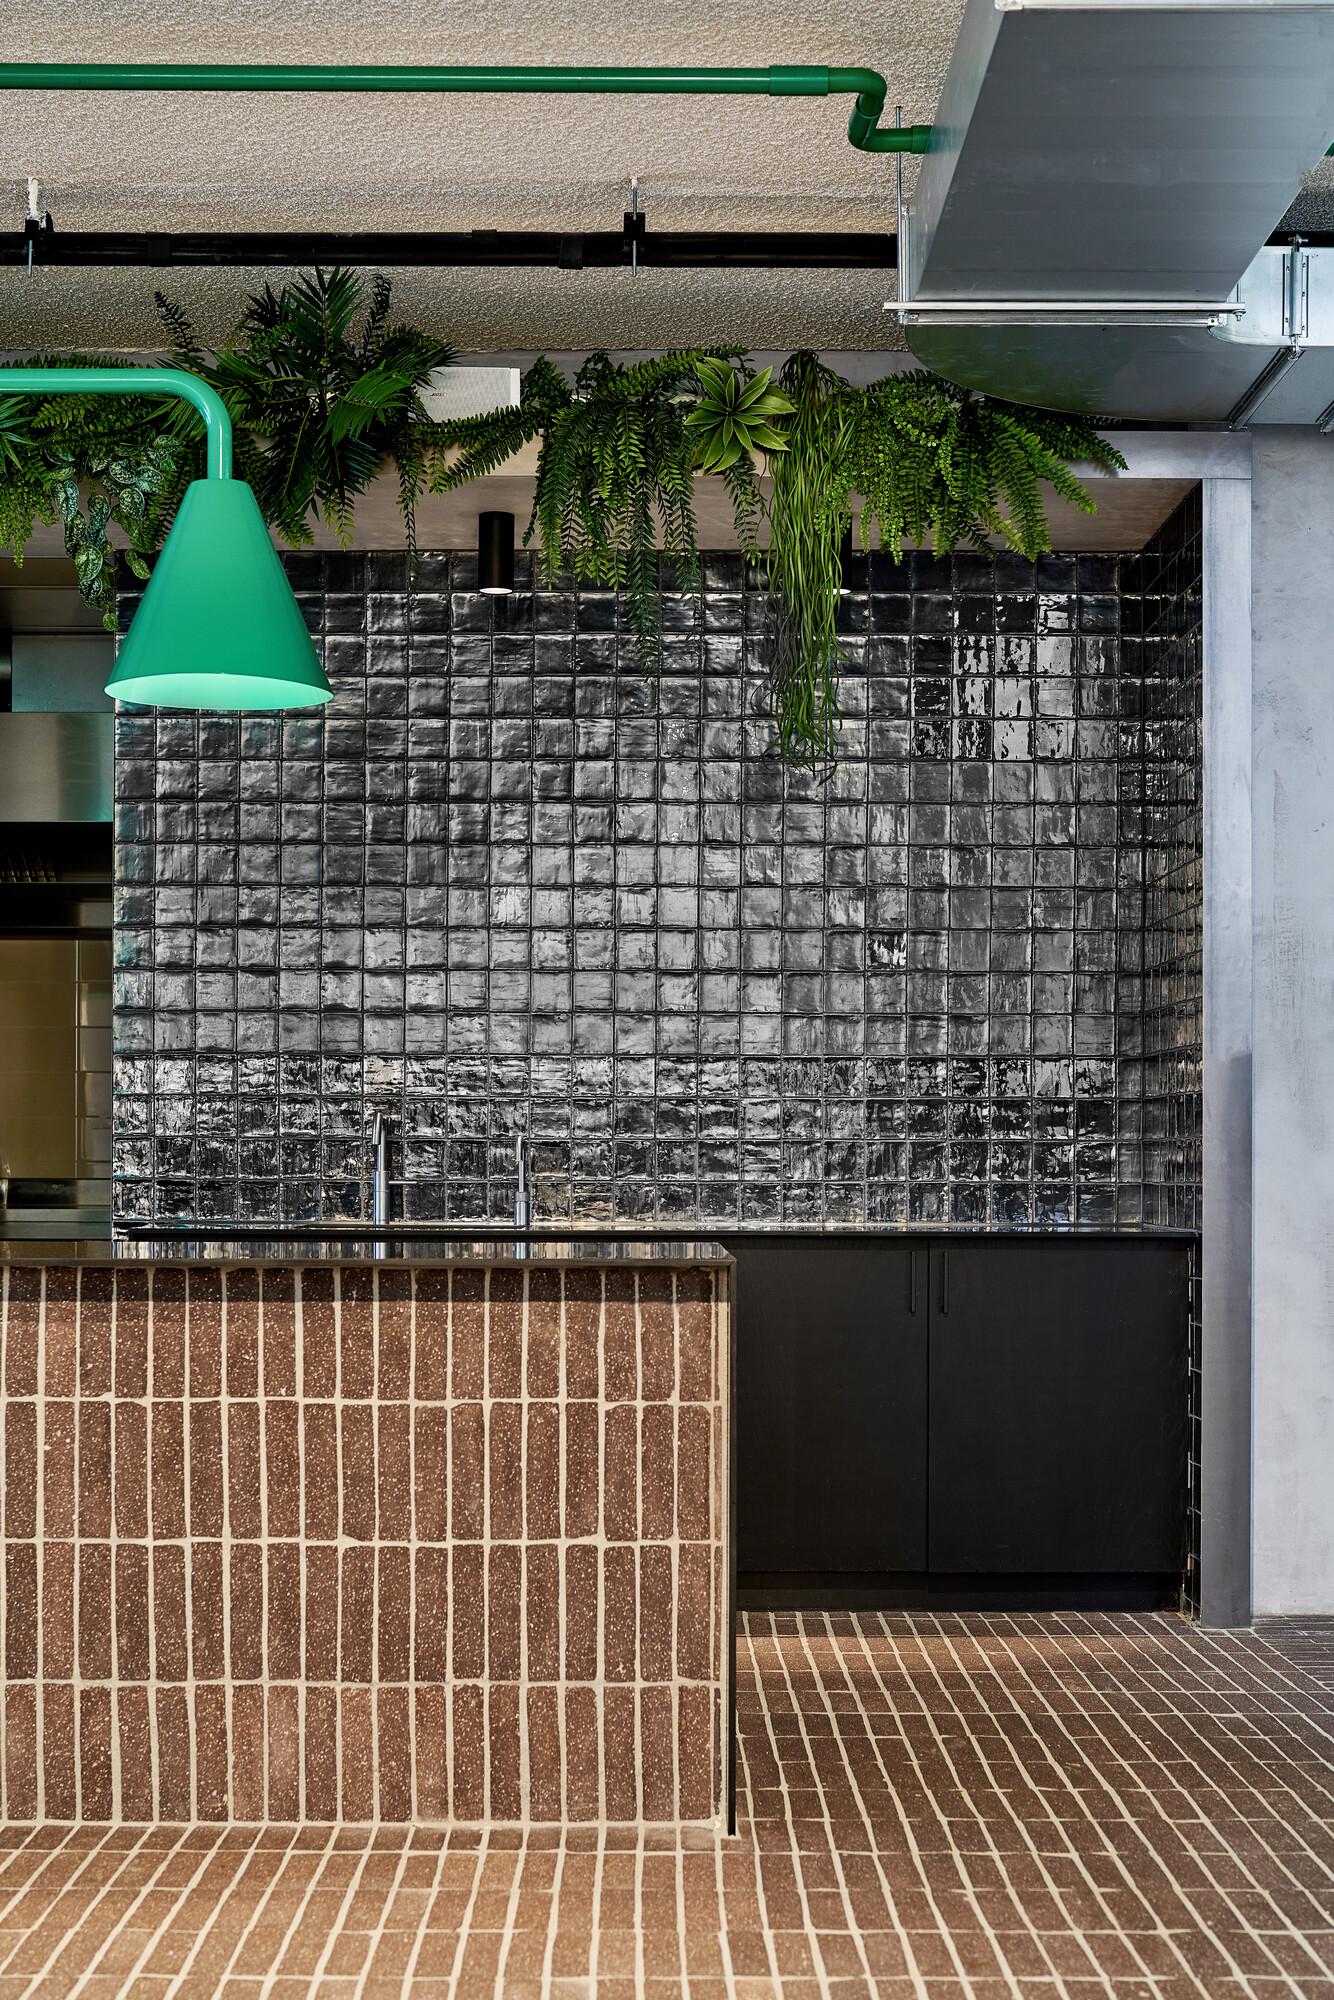 <p>Groen van kabelboom en planten en grafisch zwart ontmoeten elkaar in de open keuken van het restaurant. Hier bedienen de werknemers zichzelf, zodat alle ruimtes vrij toegankelijk en laagdrempelig zijn. fotografie Philip Jintes @ Phenster</p>